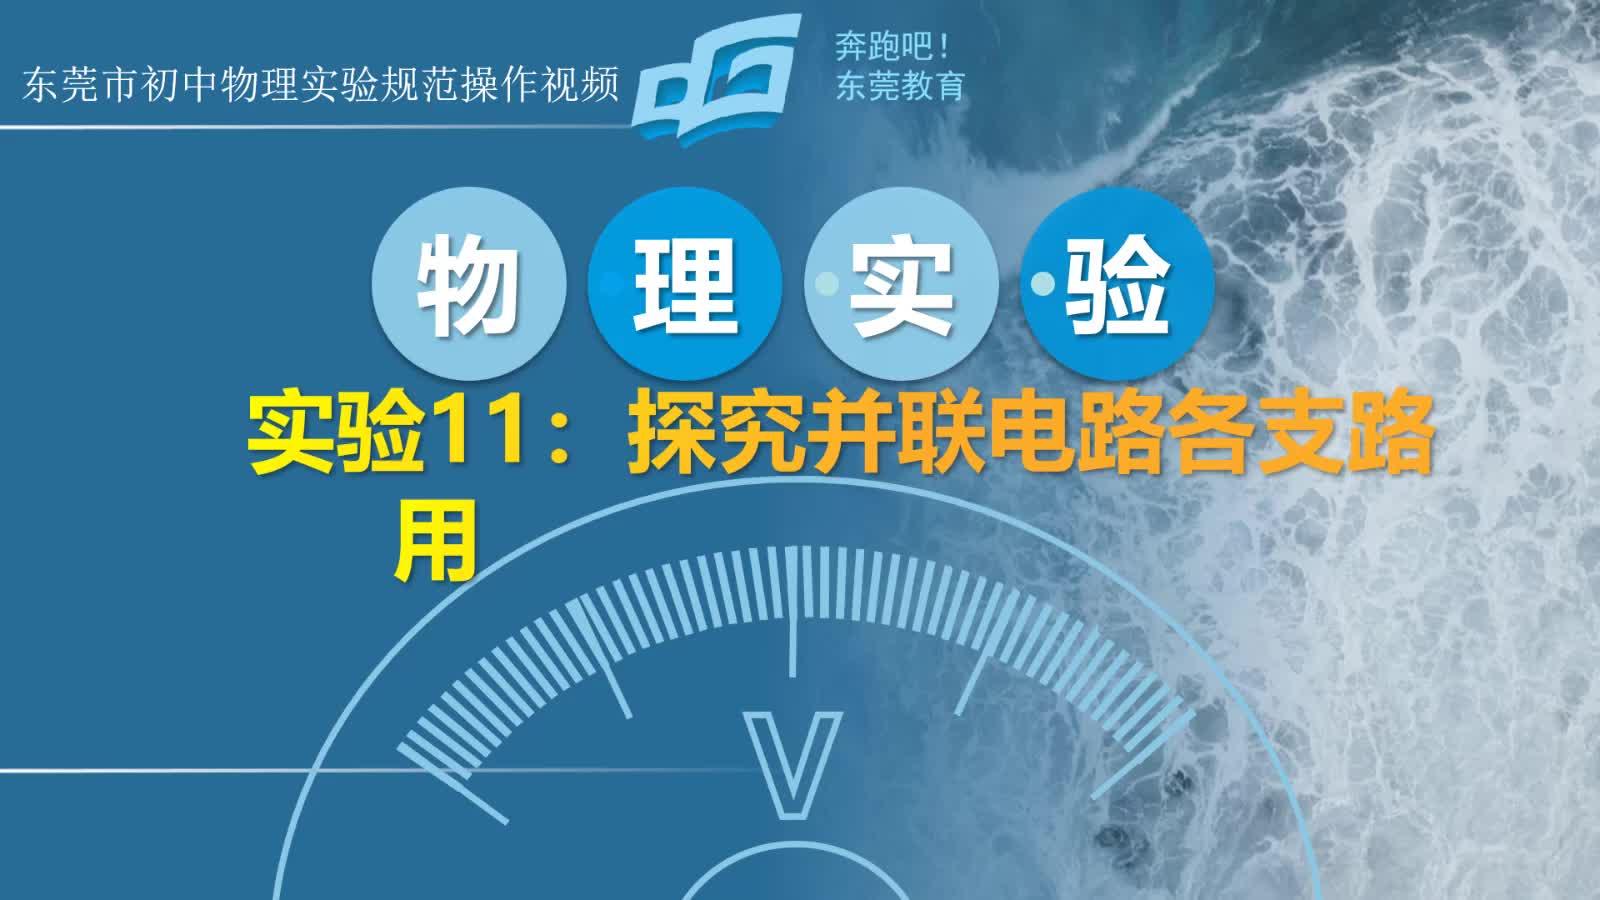 实验11:探究并联电路各支路用电器两端电压的关系 2021年广东省东莞市中考物理实验规范操作视频